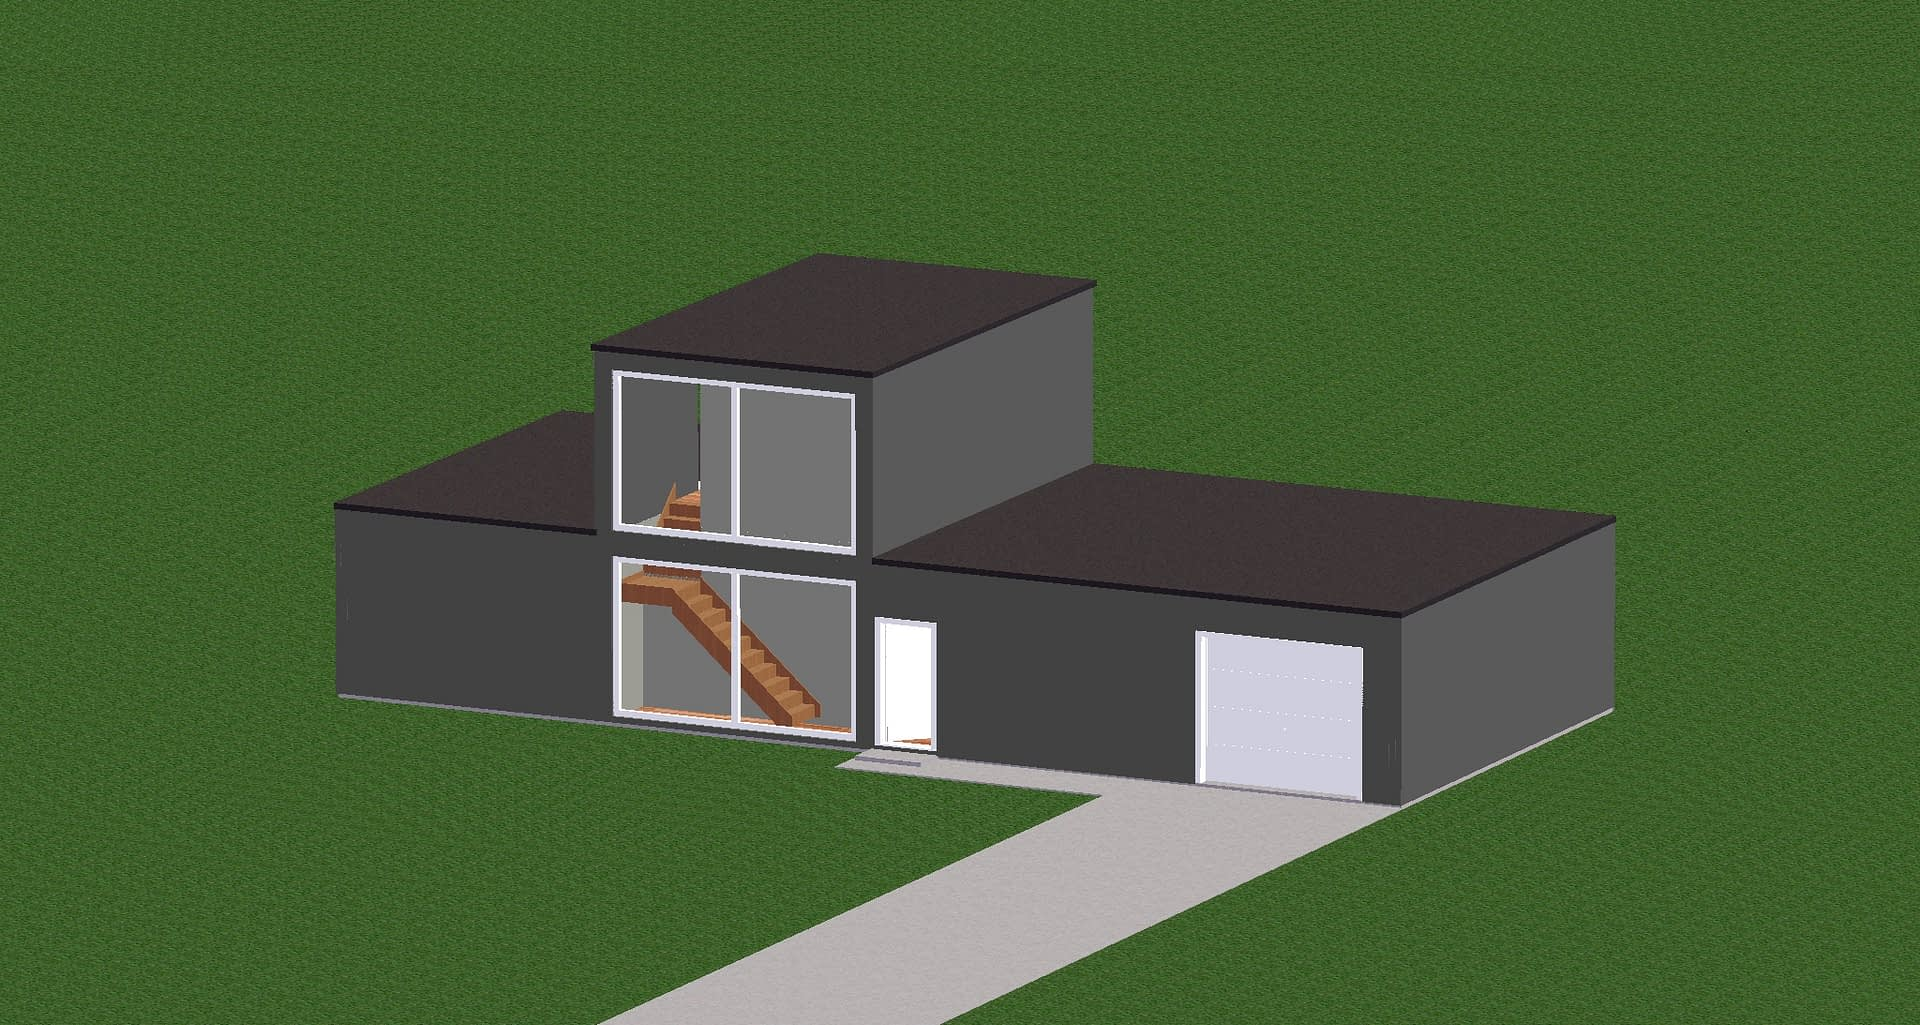 solergy homes solar homes 2 bedroom 1 garage spec 2